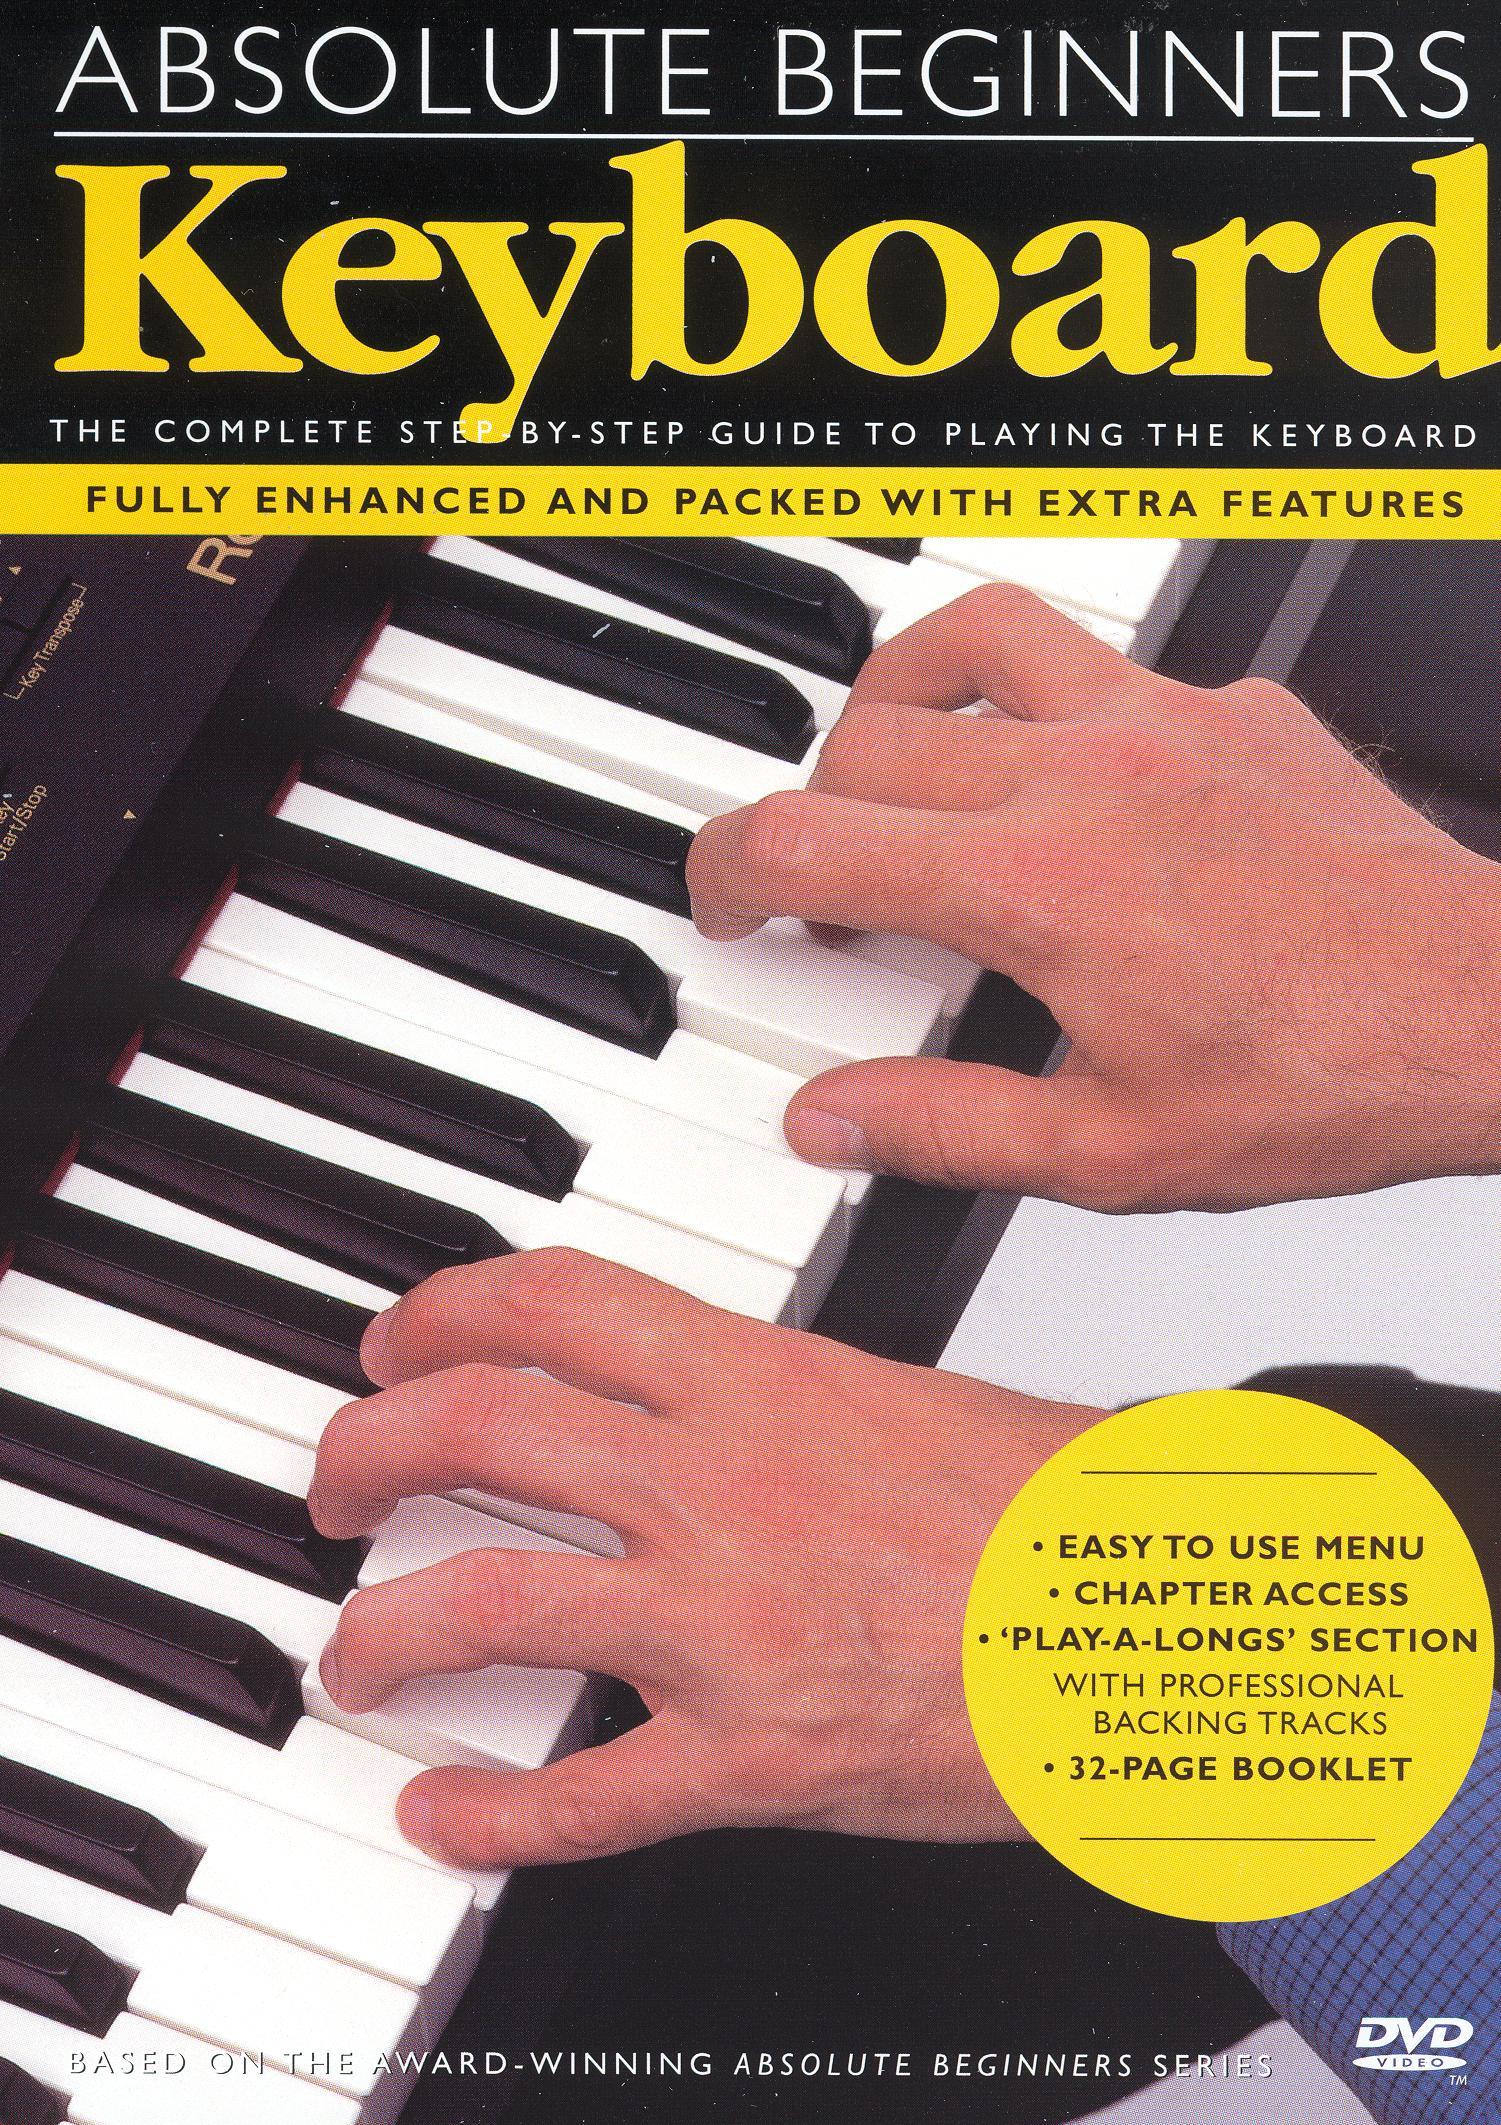 Absolute Beginners: Keyboards